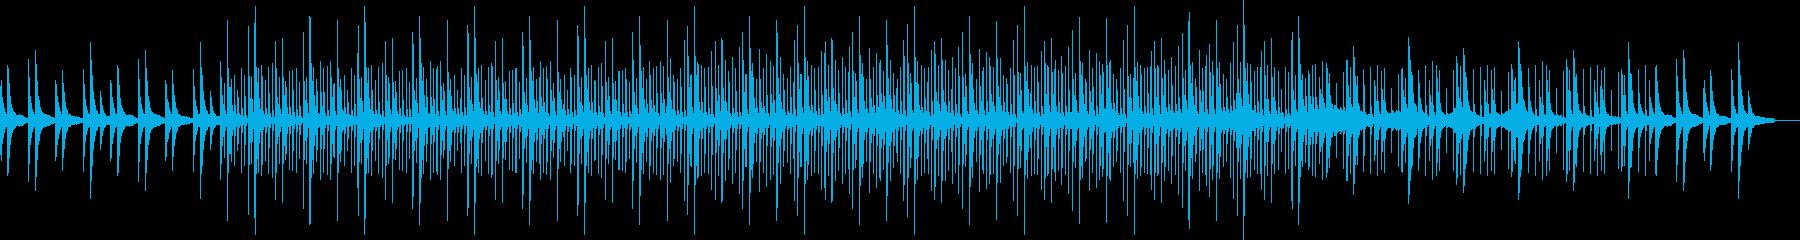 孤独で可愛いミニマル曲の再生済みの波形